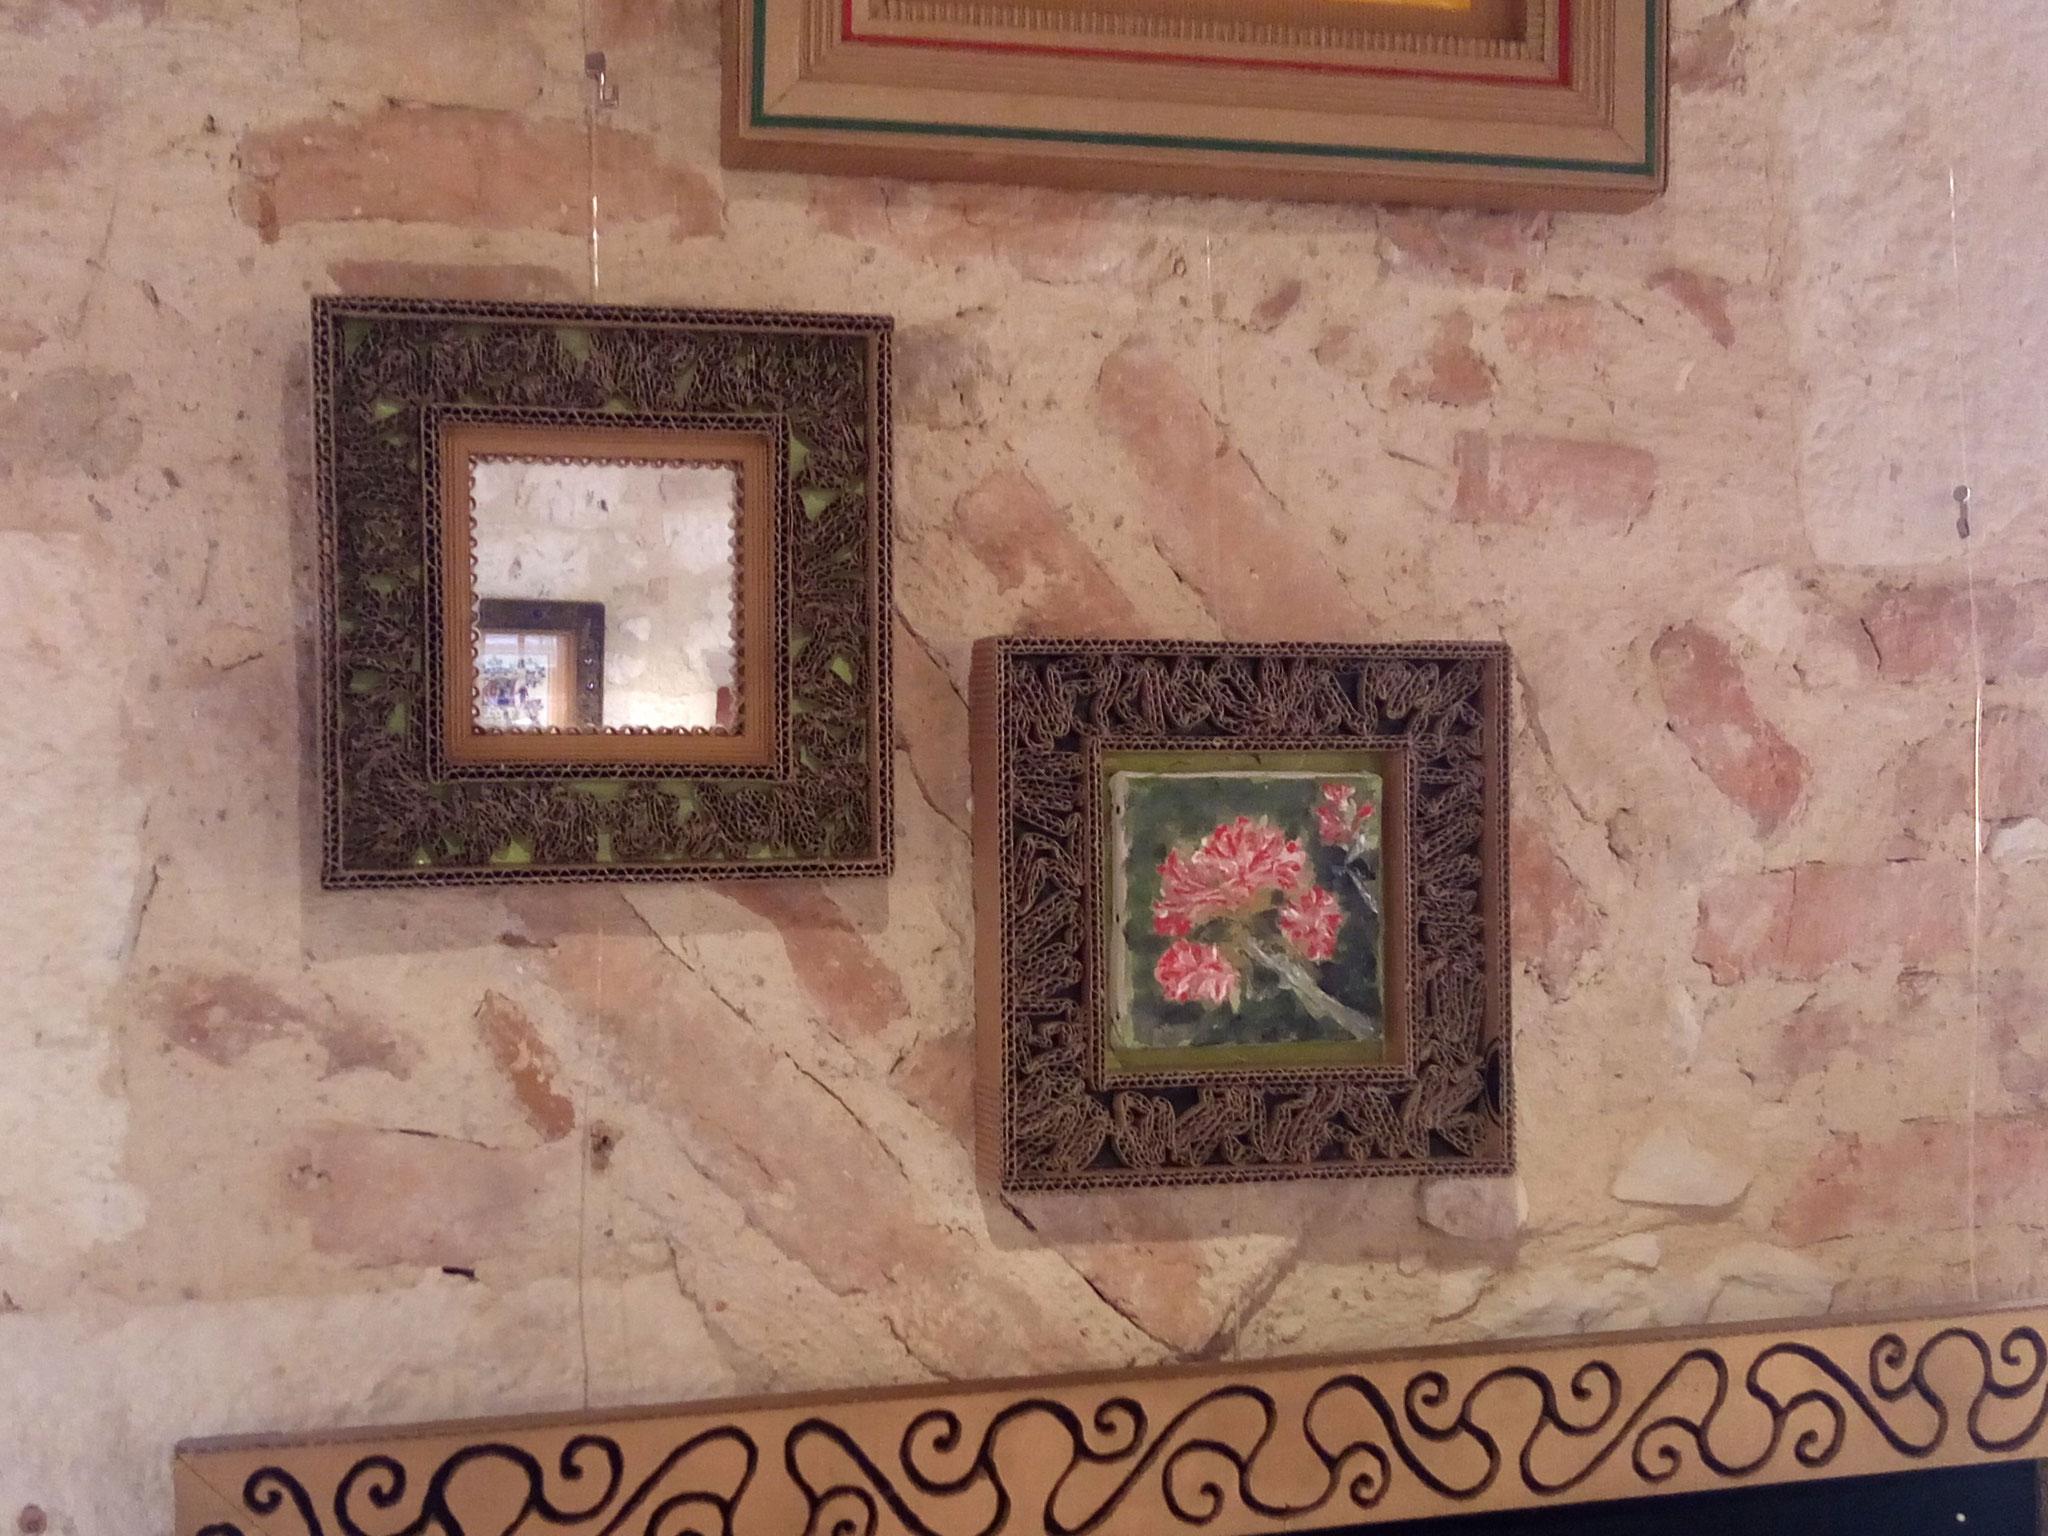 Une peinture dans l'un, un miroir dans l'autre.